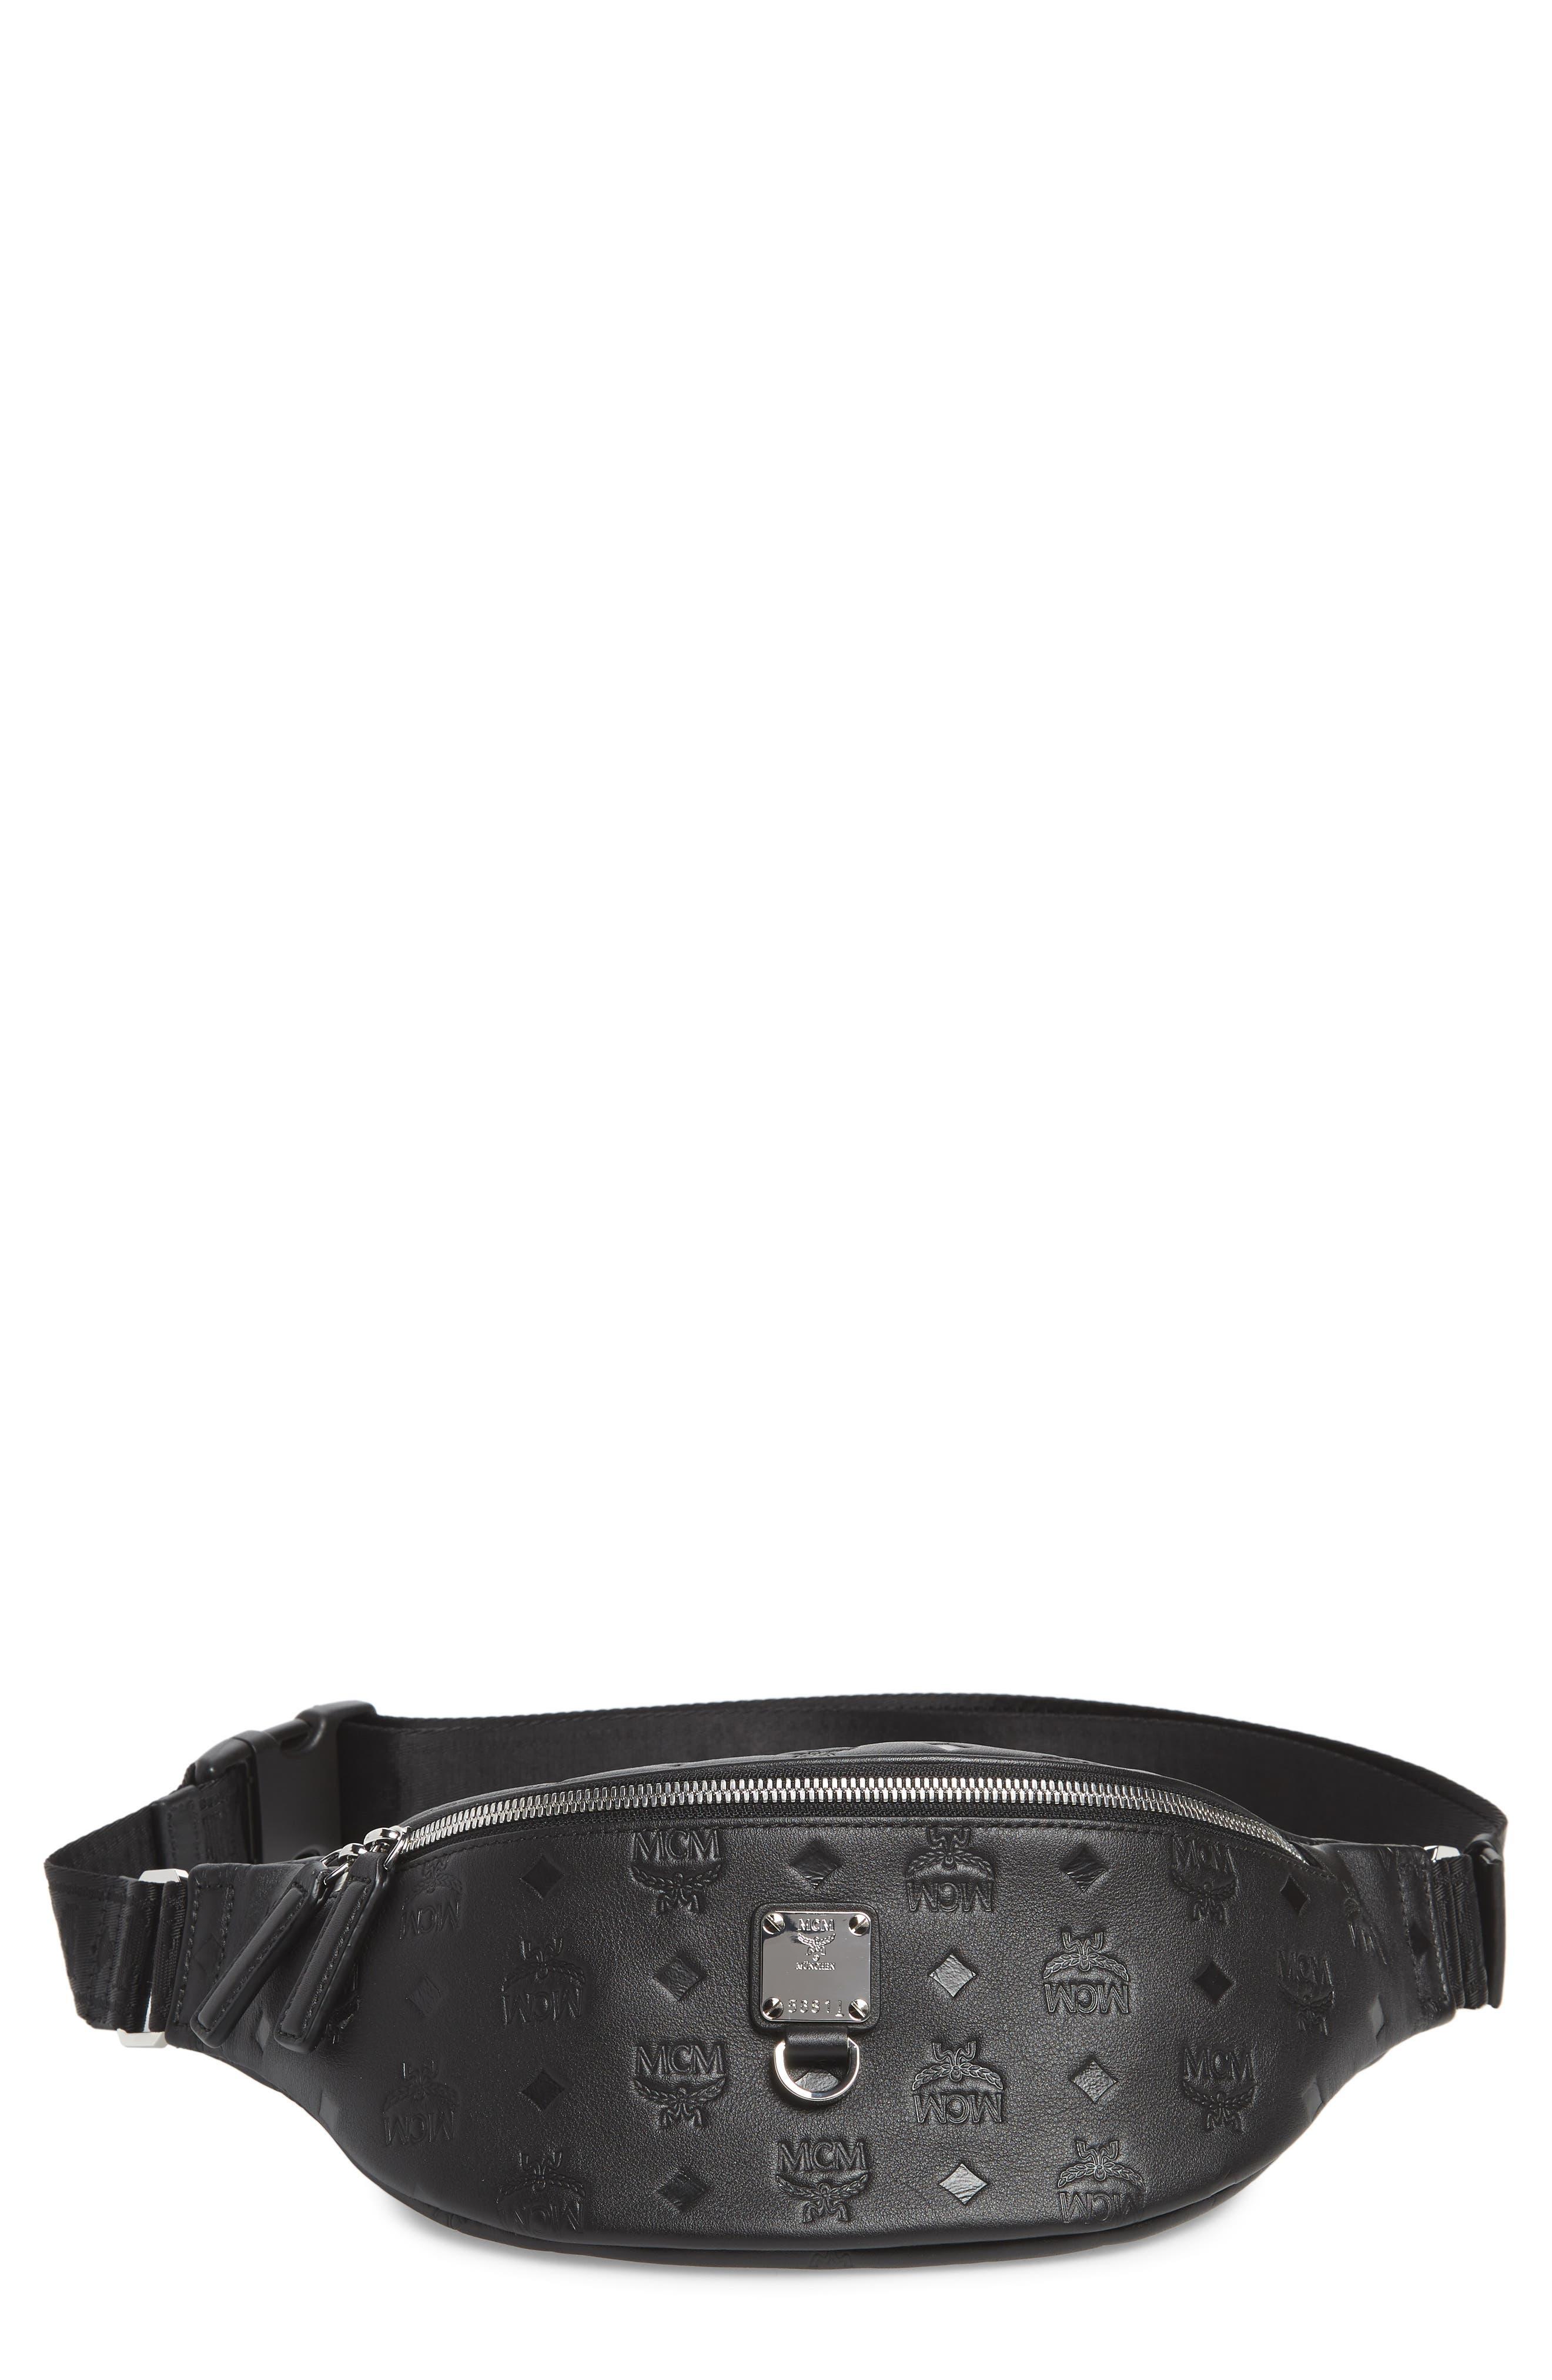 Mcm Belt Fursten Visetos Leather Belt Bag